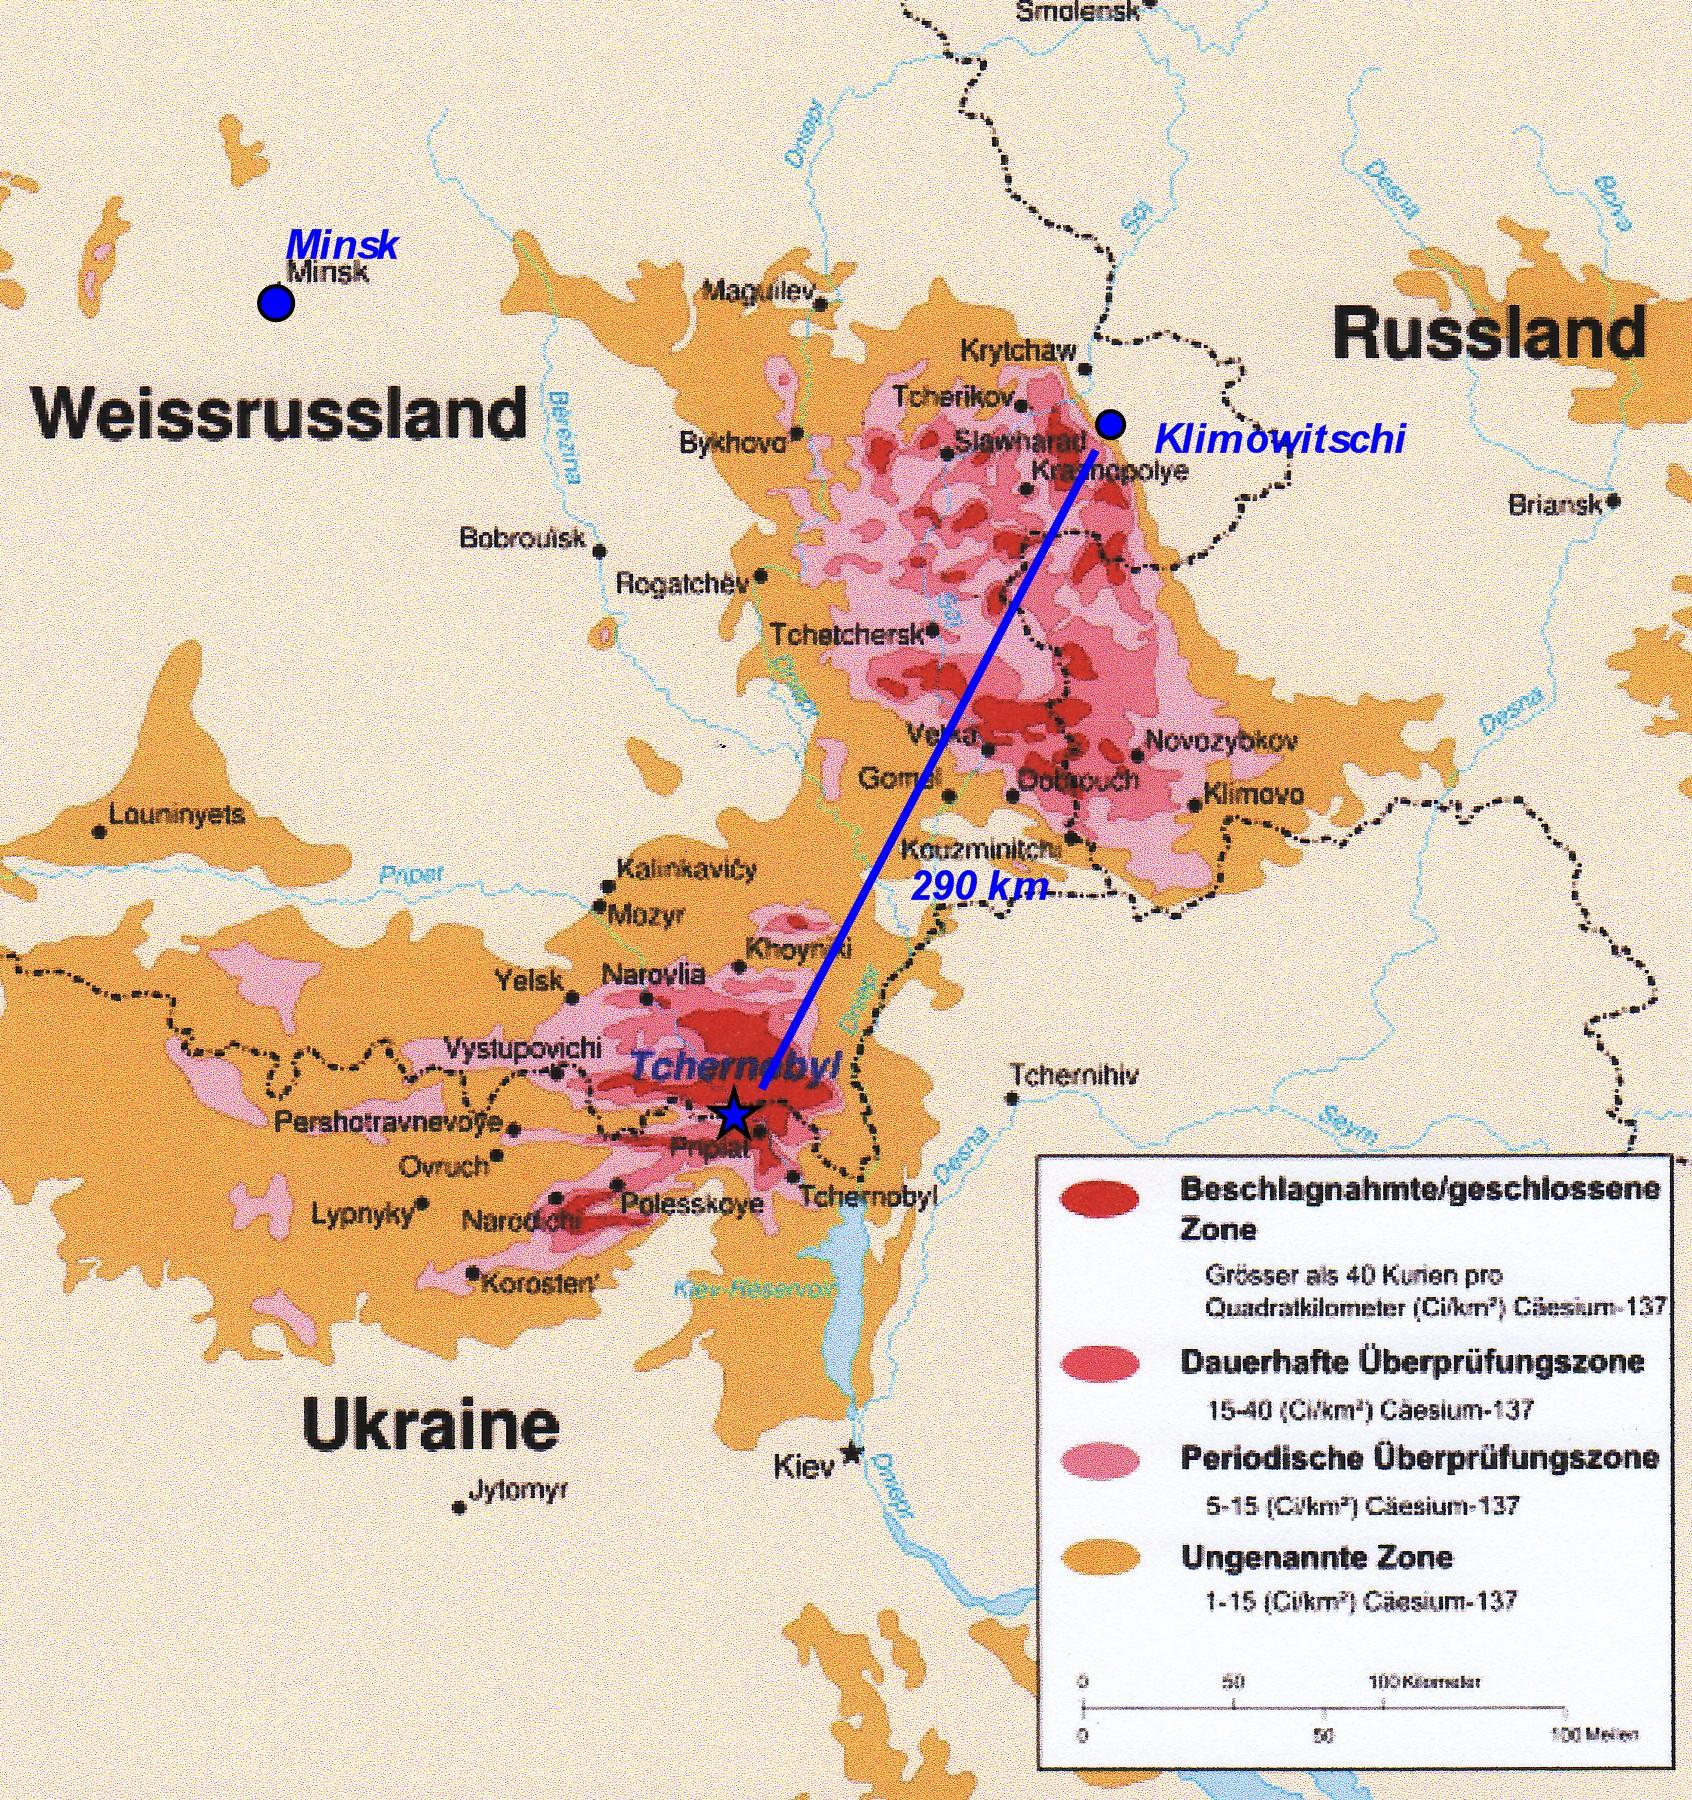 Tschernobyl Karte.1 Karte Tschernobyl Stiftung We Help